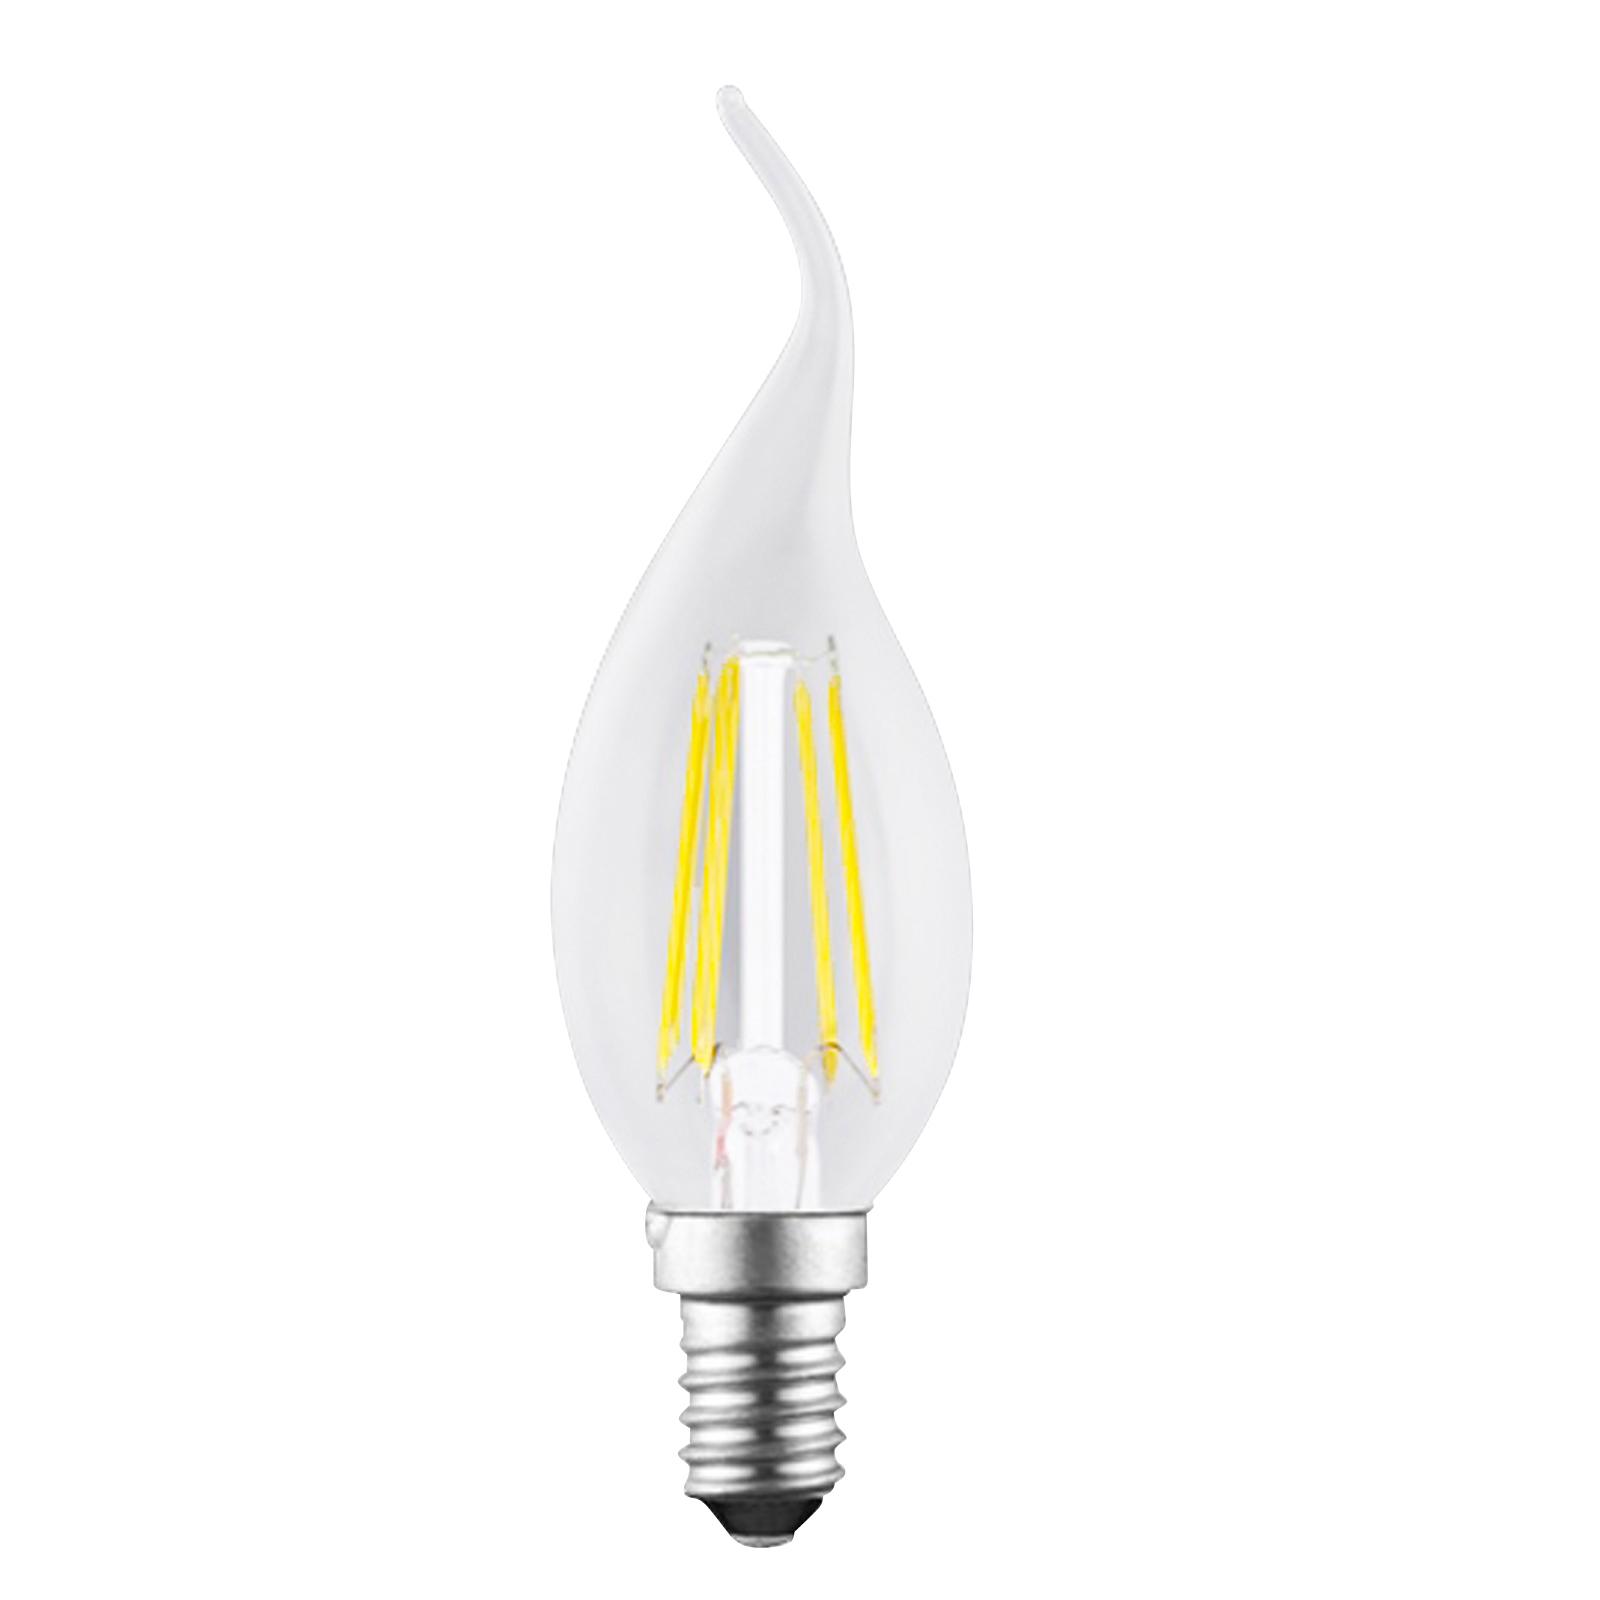 LED-Kerzenlampe E14 4W Filament klar 827 Windstoß